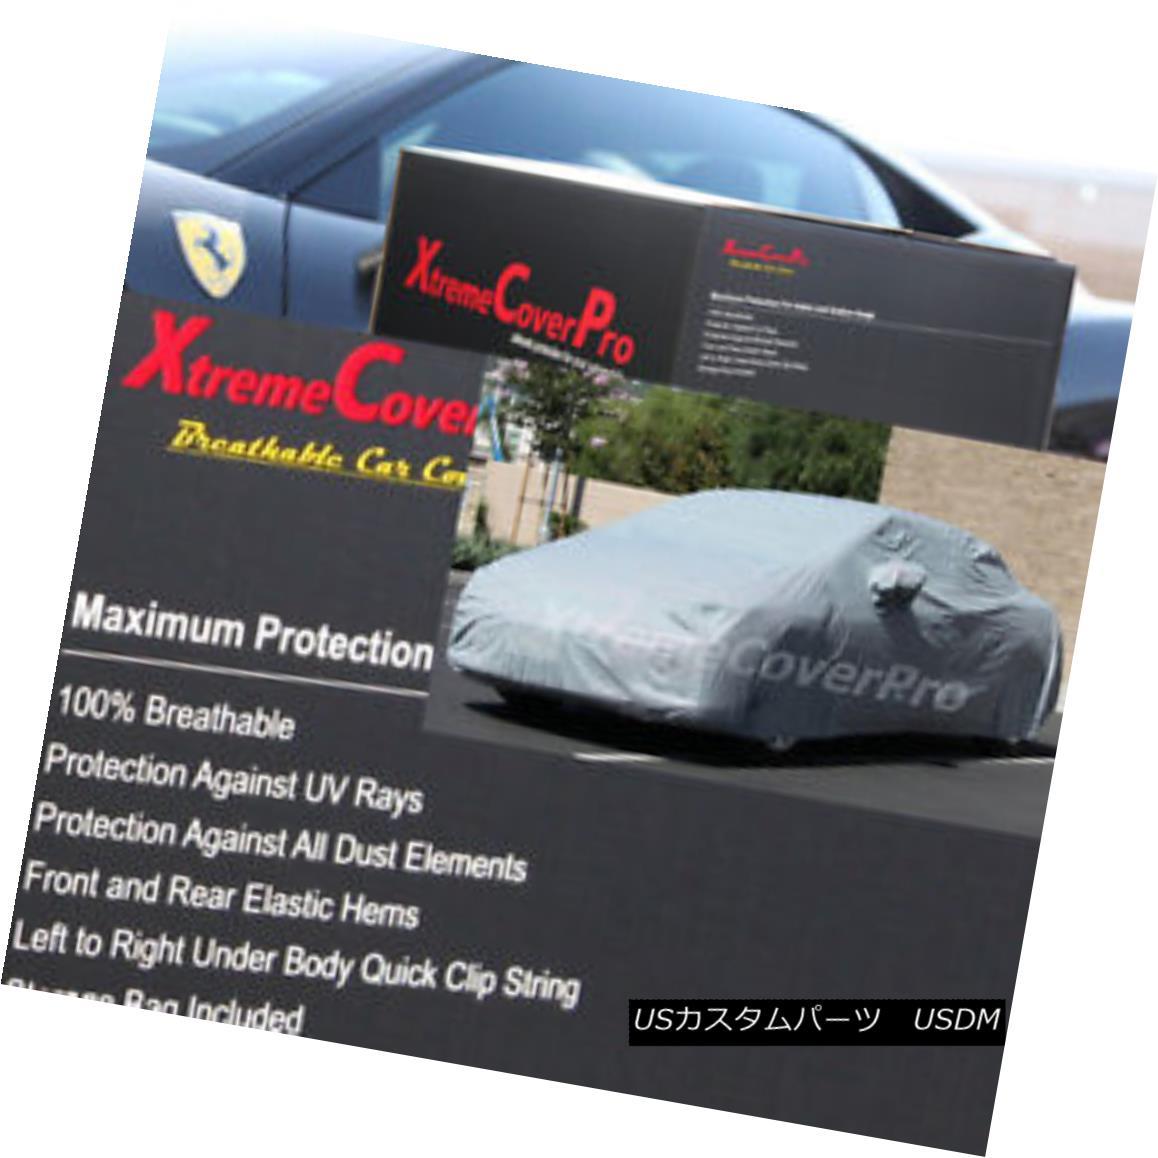 カーカバー 2011 2012 Chevy Cruze Breathable Car Cover w/MirrorPocket MirrorPocketを搭載した2011年シボレークルーズ通気性車カバー